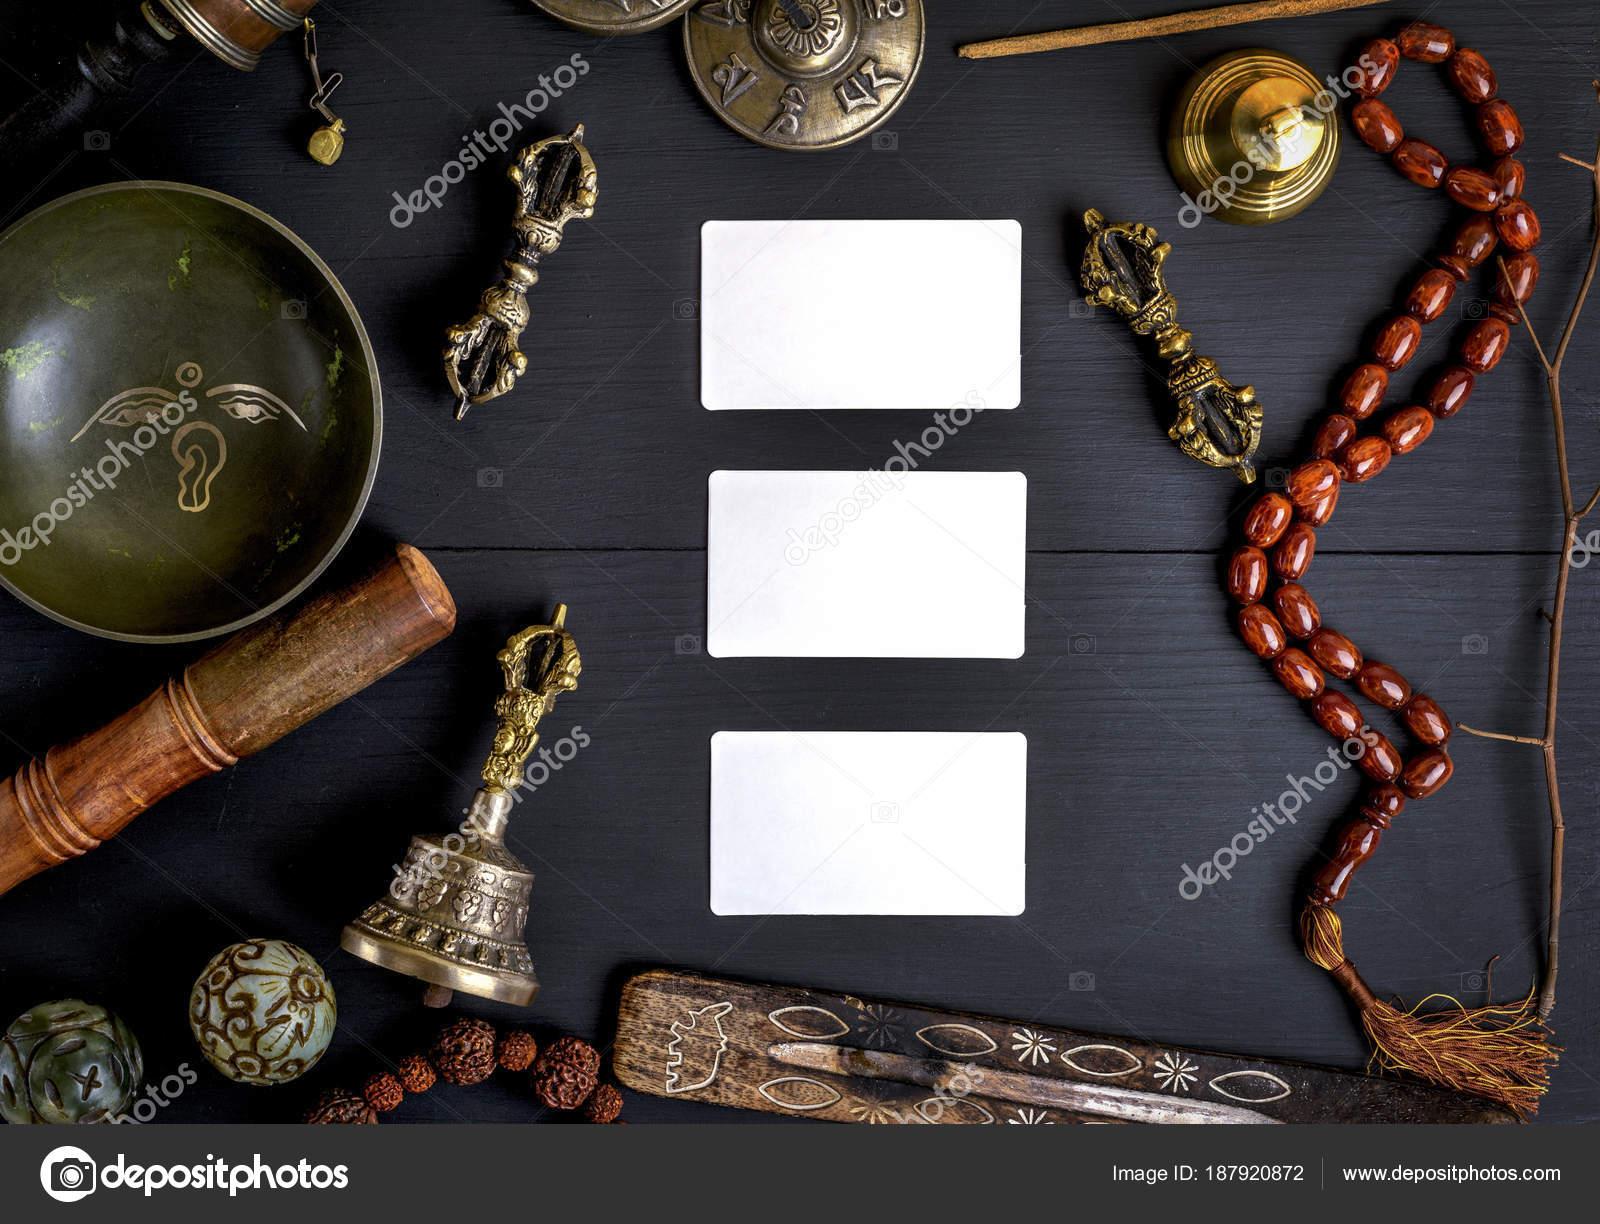 Trois Vider Les Cartes De Visite Blanches Au Milieu Des Objets Religieux Asiatiques Medecine Alternative Et Meditation Sur Un Fond En Bois Noir